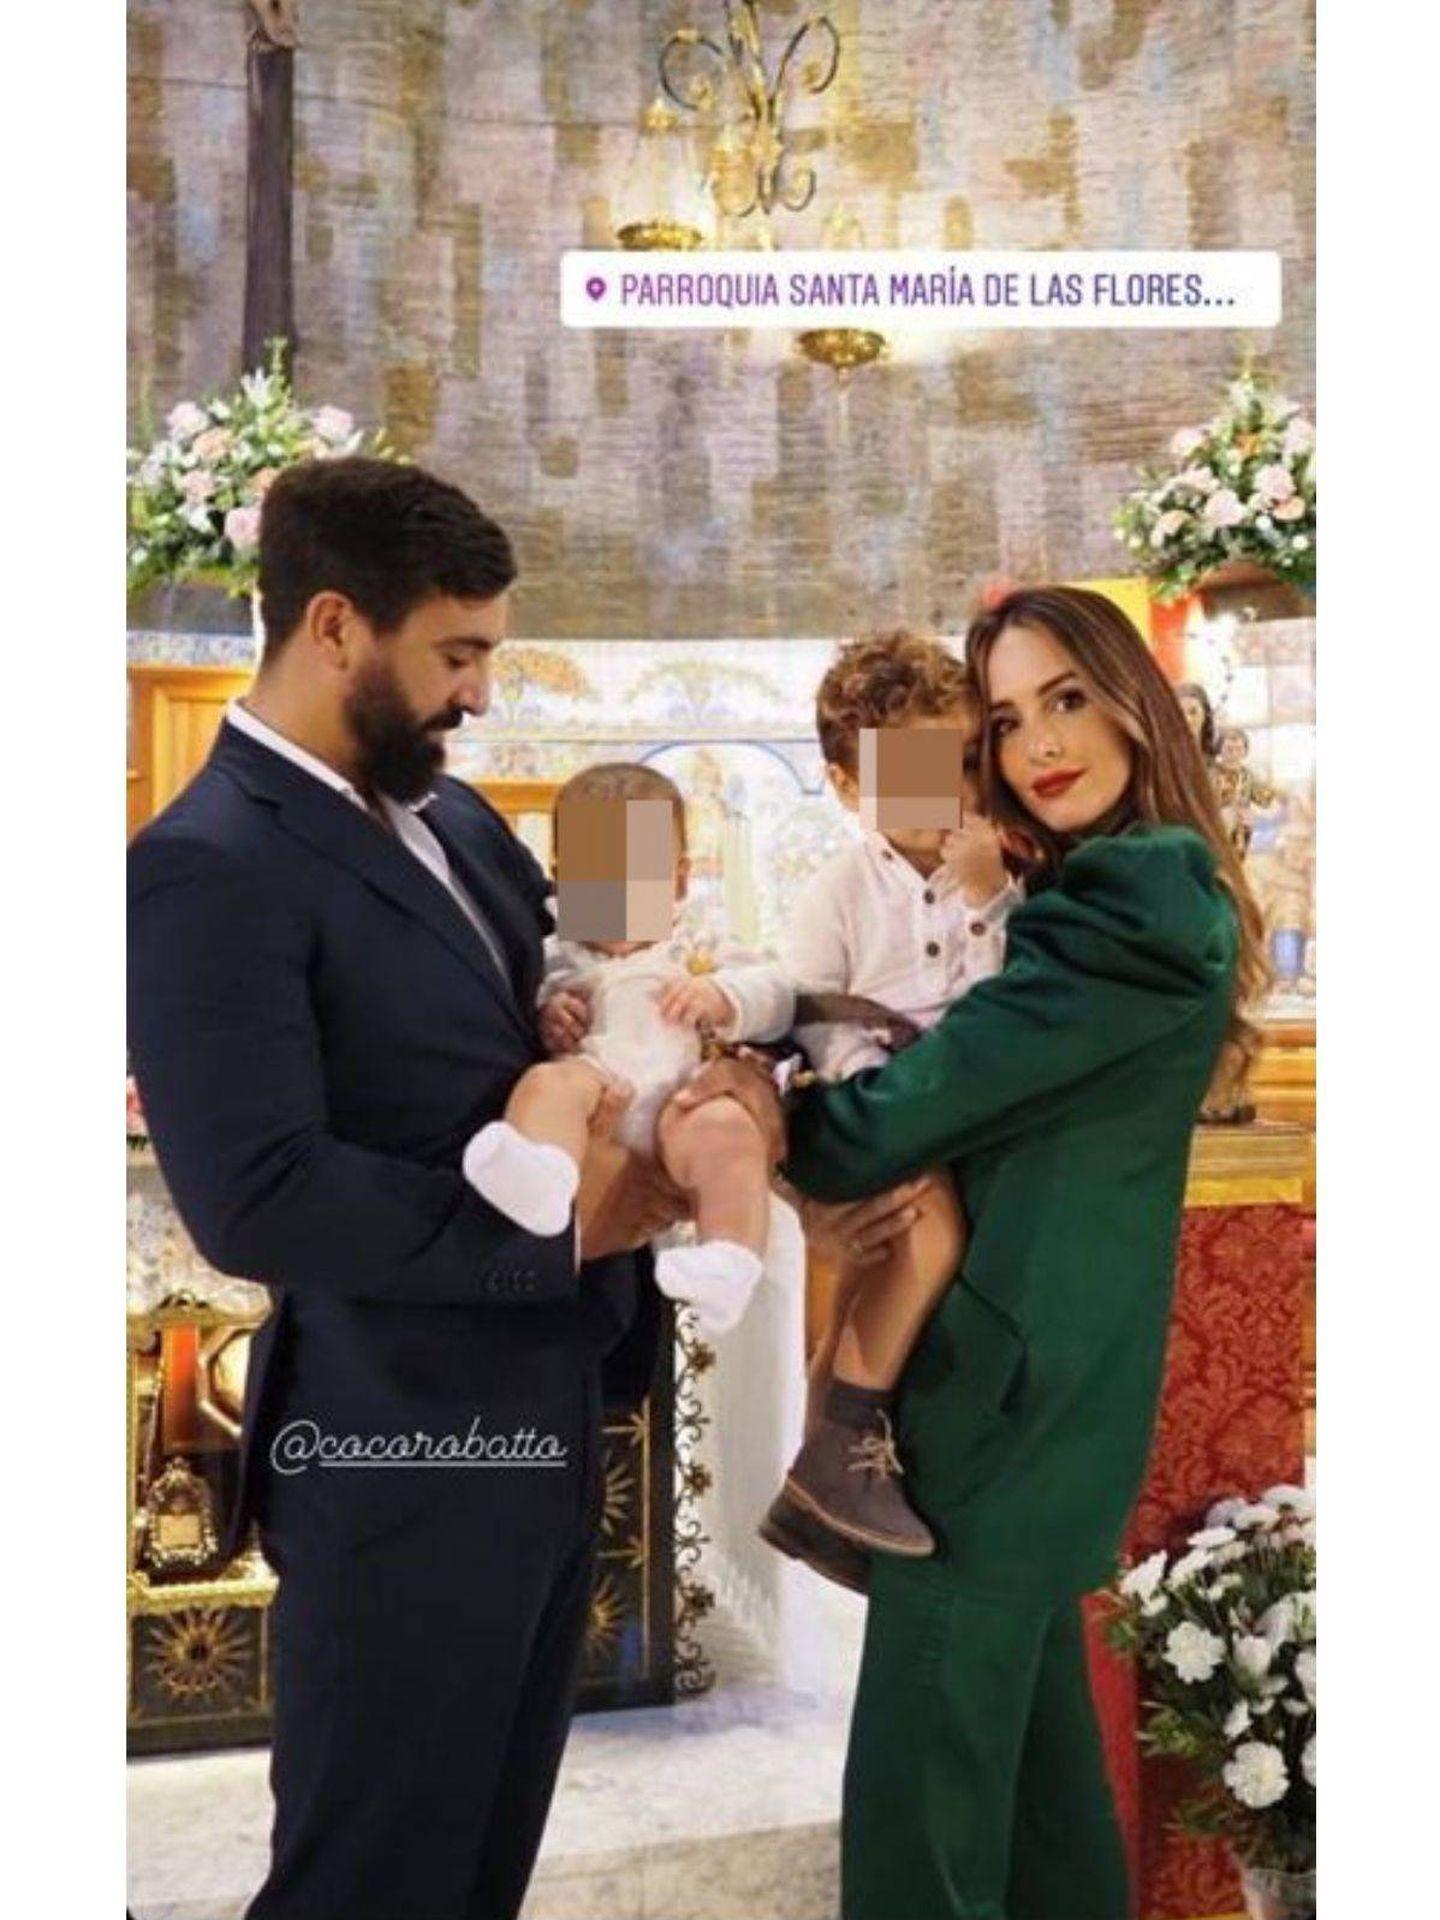 Rocío Osorno y su familia, en una foto compartida en redes.